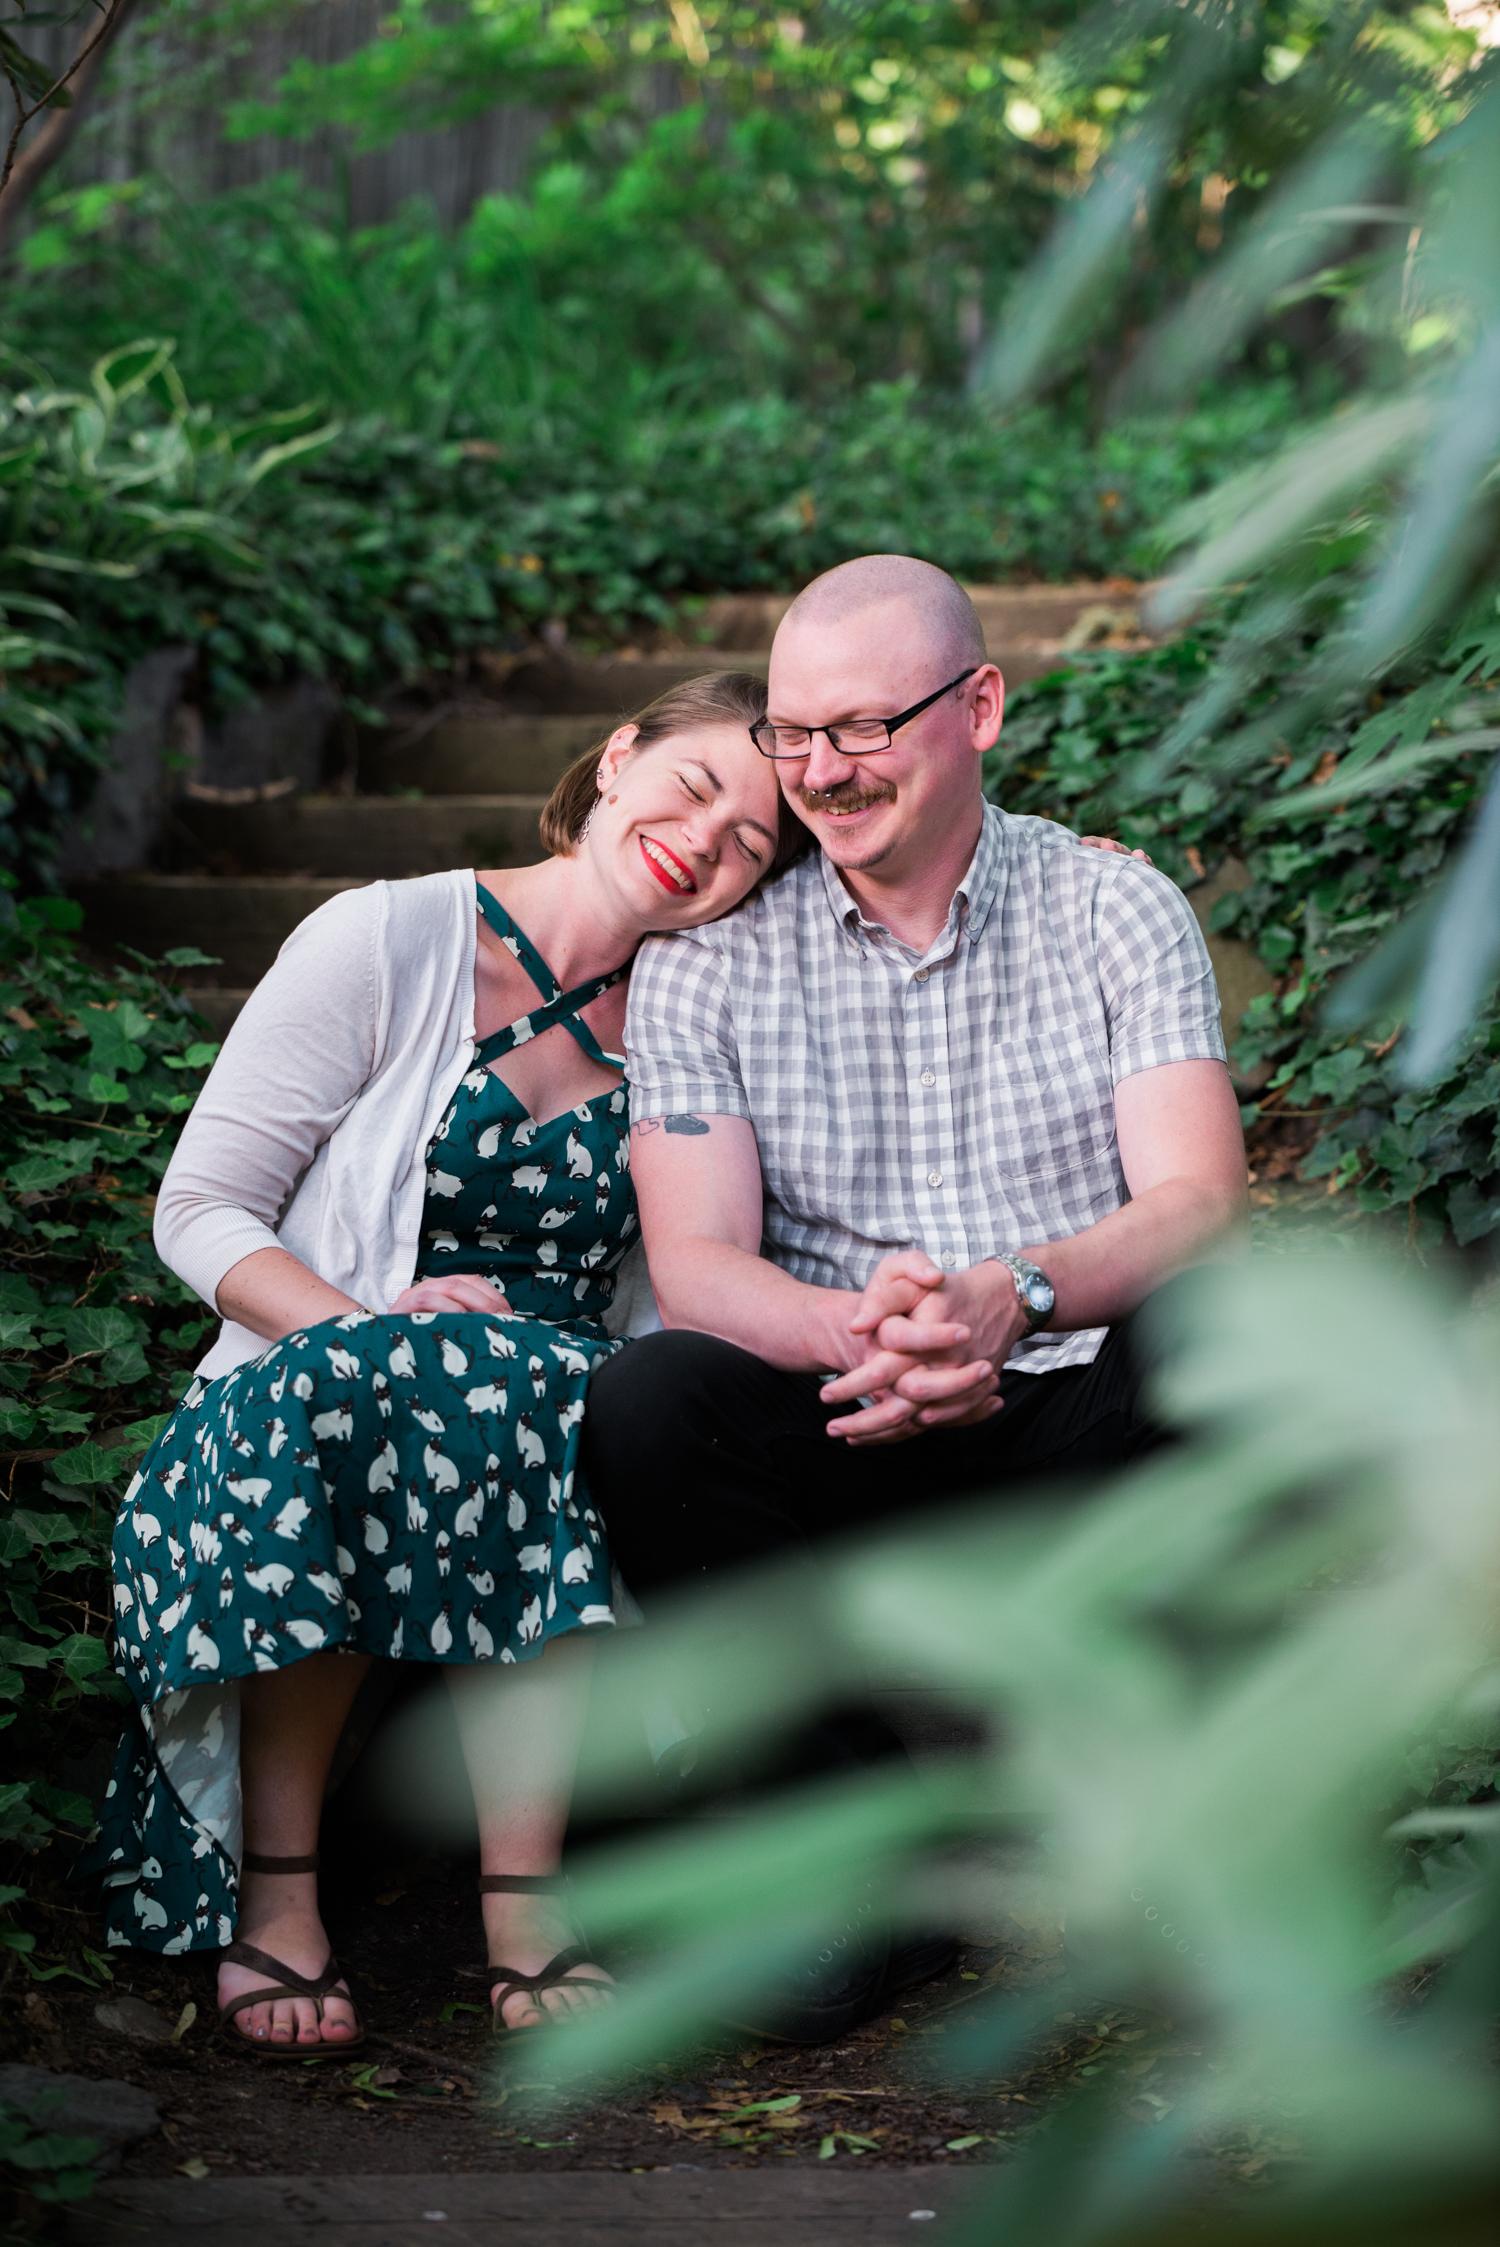 Ephemera Photography - Park Engagement photoshoot of couple sitting together on steps smiling